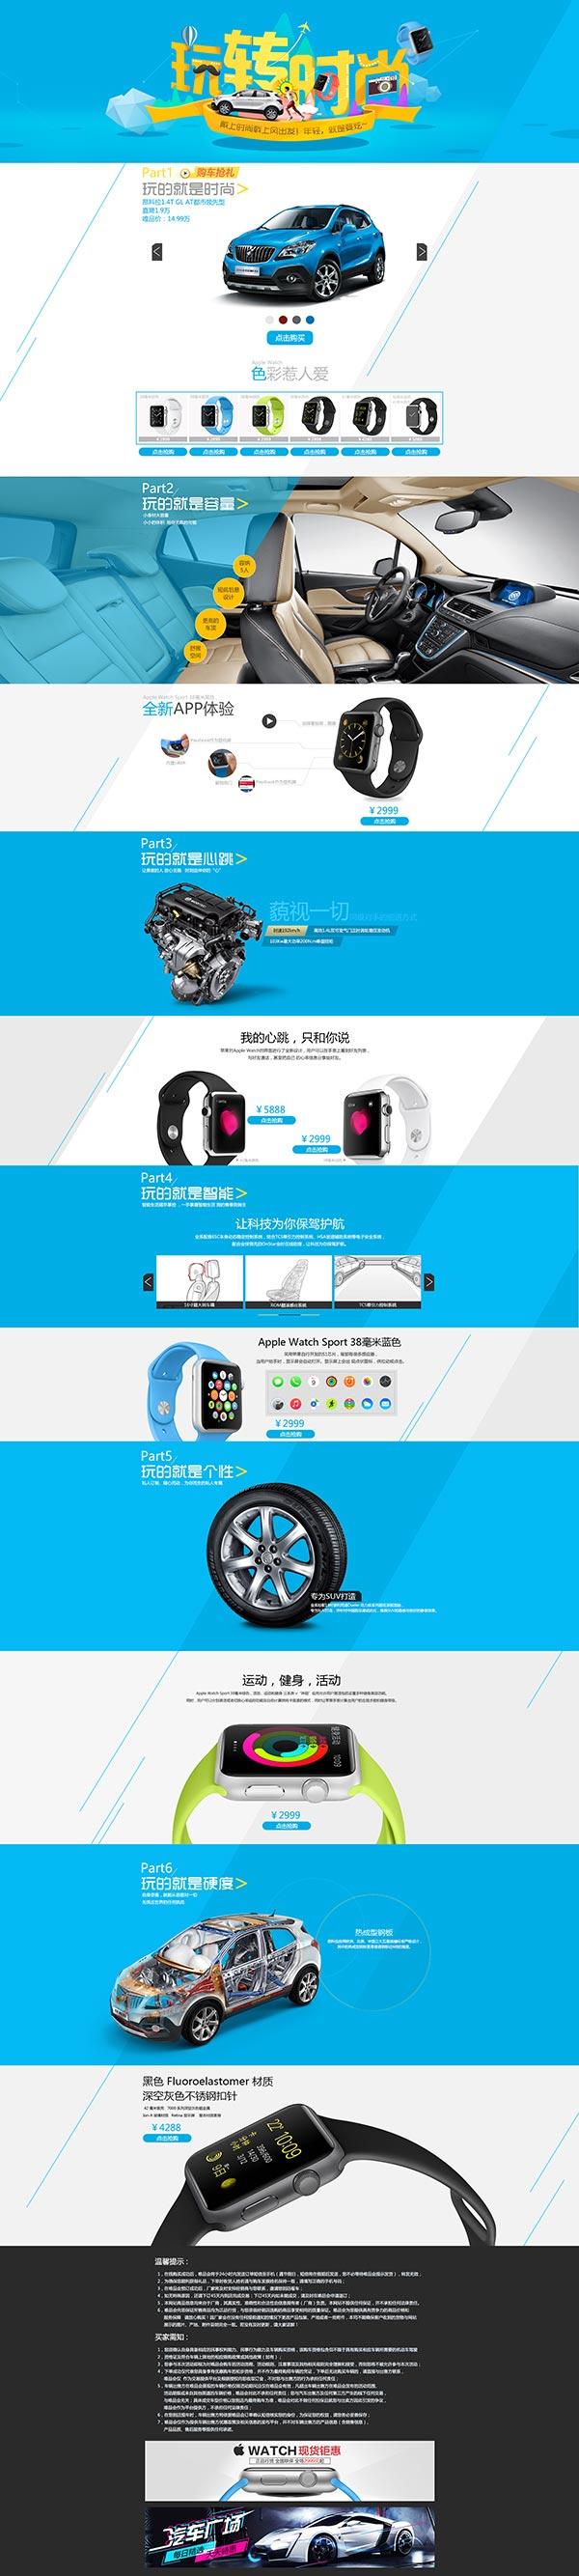 别克汽车首页专题模板psd分层素材,昂科拉汽车专题模板,汽车配件,app